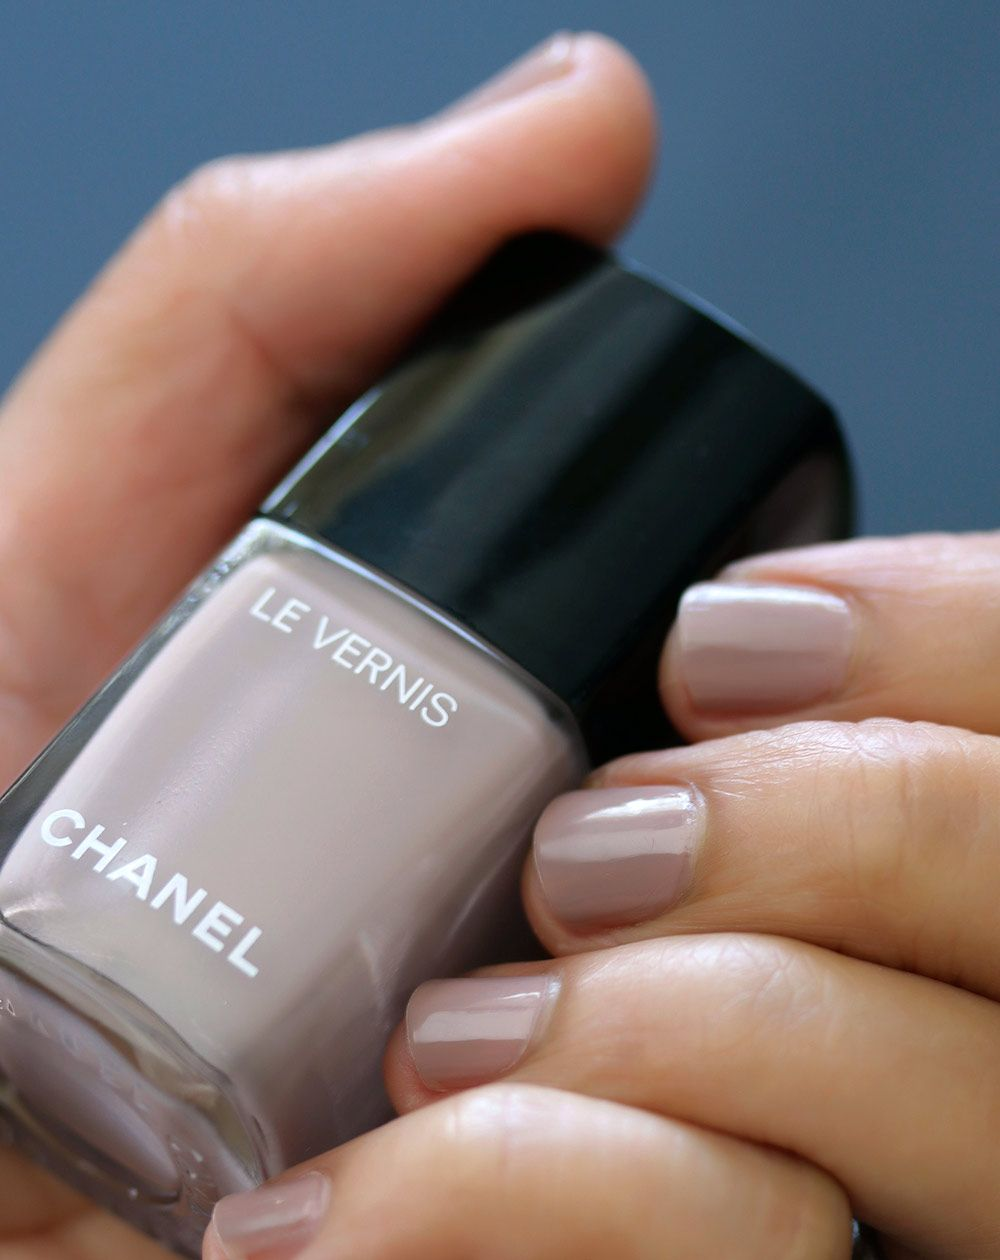 Chanel New Dawn Le Vernis Longwear Nagelfarbe | Frisur